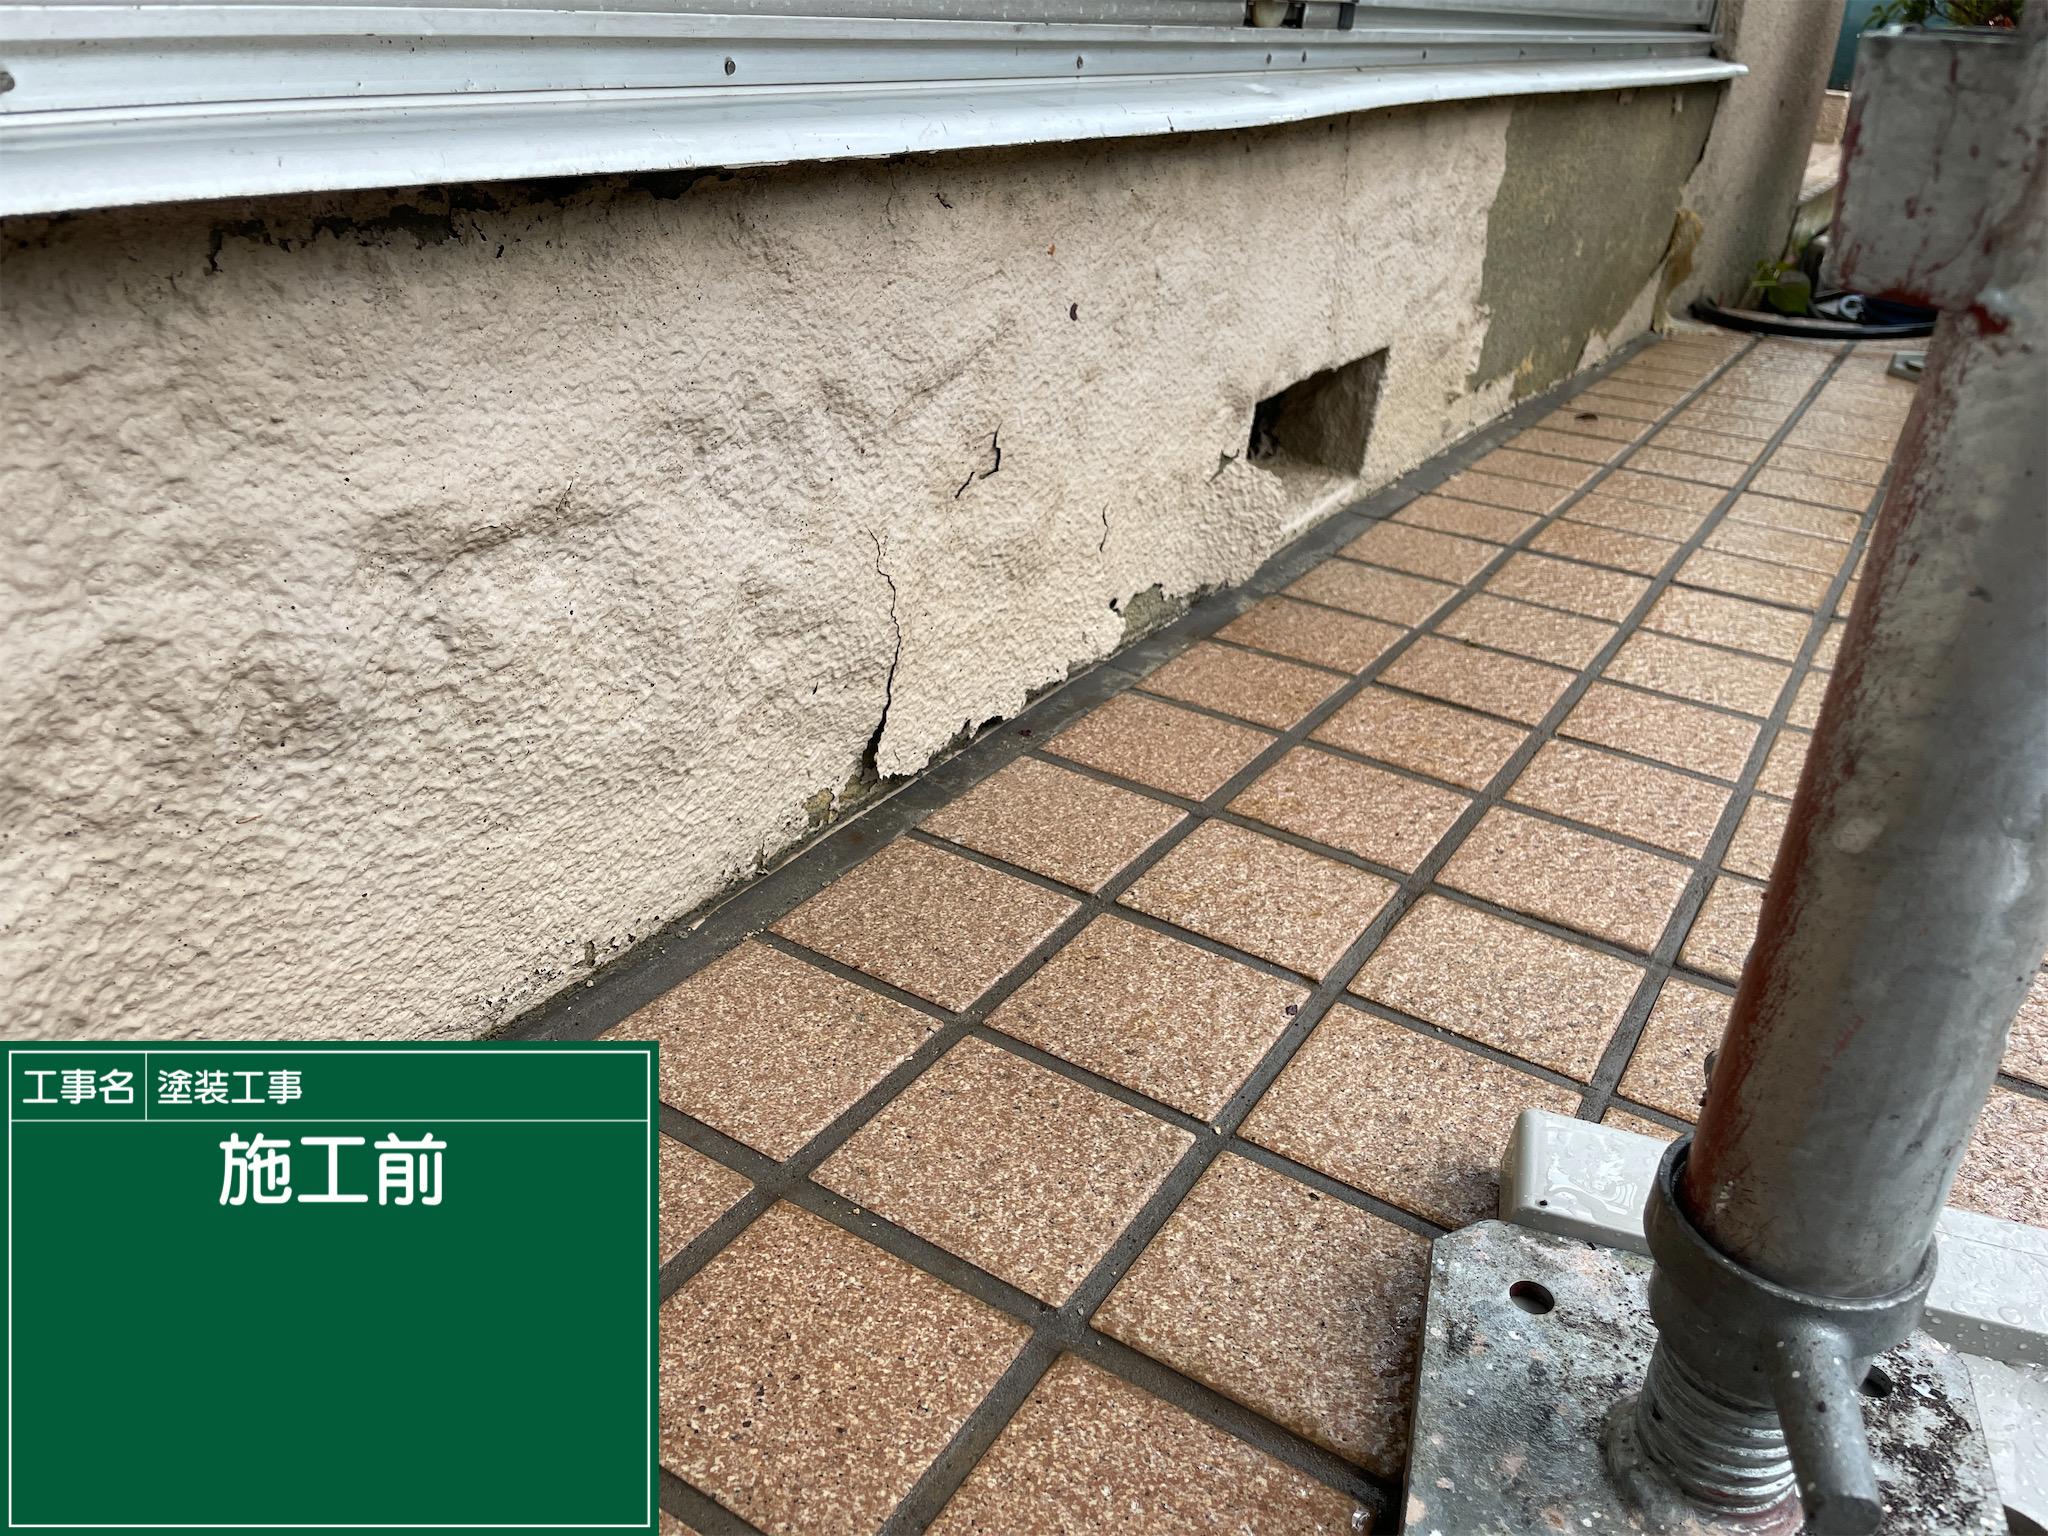 塗膜の膨れは放置厳禁!!【外壁塗装 越谷 埼玉】